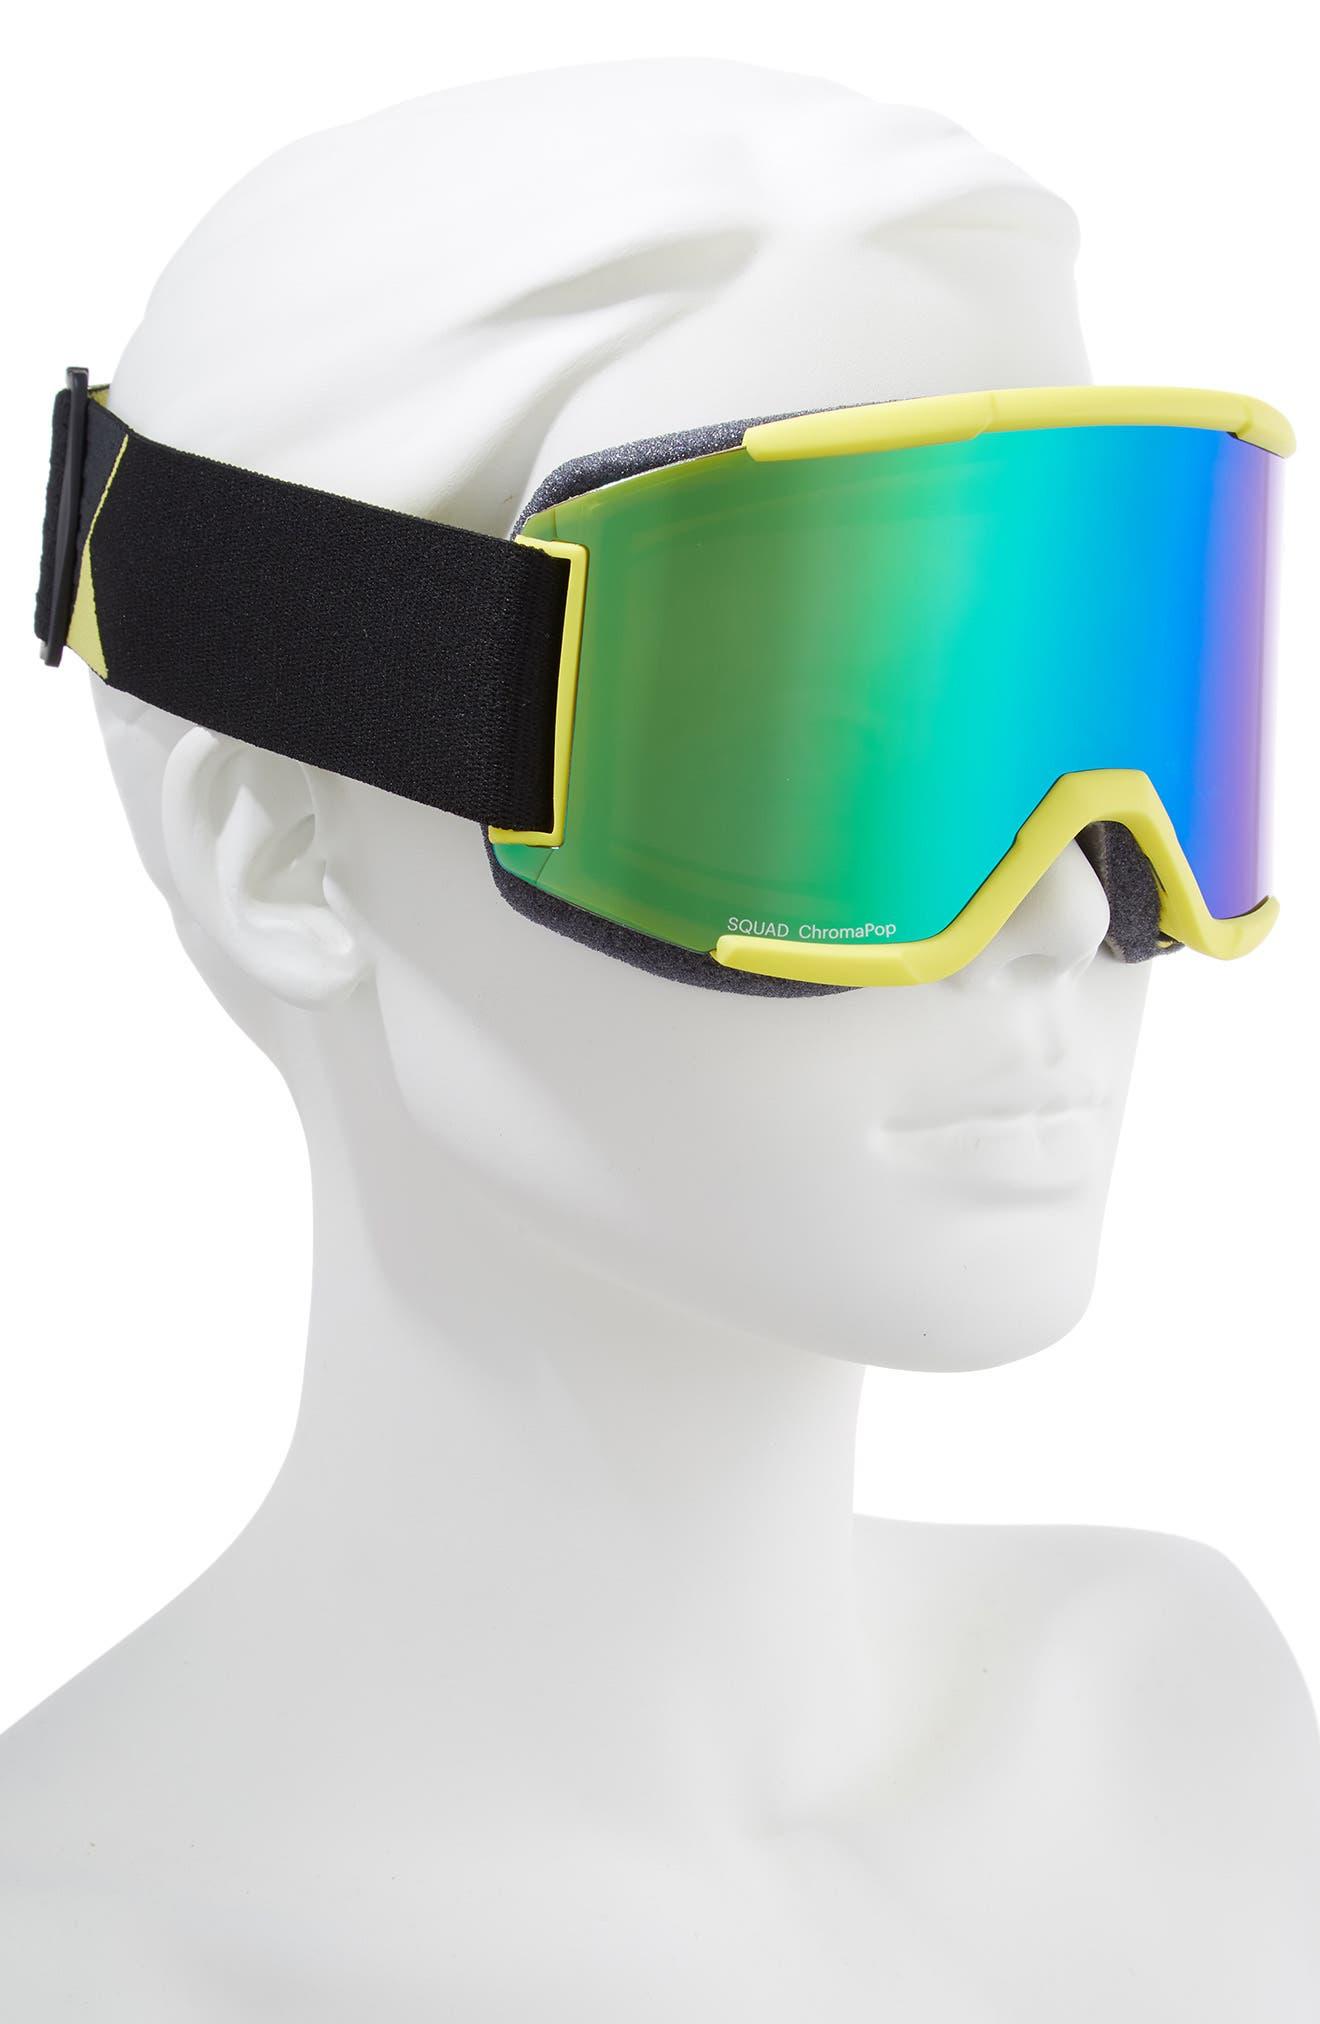 Squad Chromapop 180mm Snow Goggles,                             Alternate thumbnail 2, color,                             CITRON GLOW